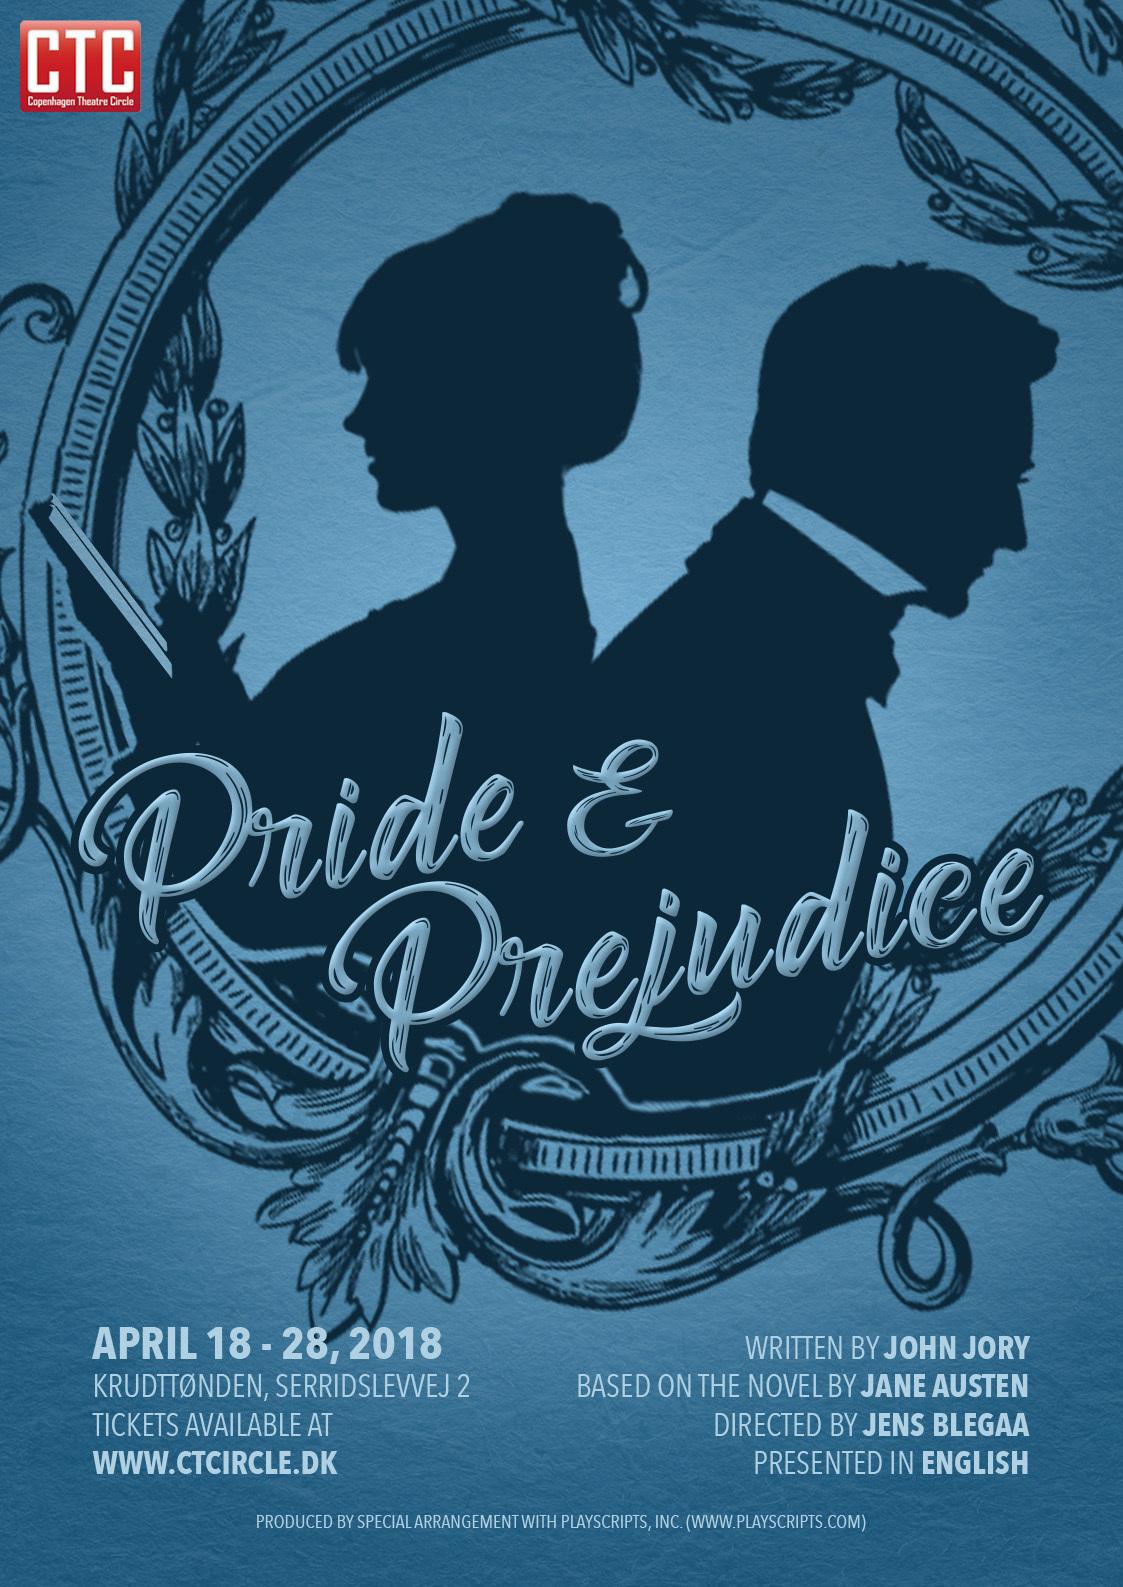 BWW Review: PRIDE AND PREJUDICE at Krudttønden